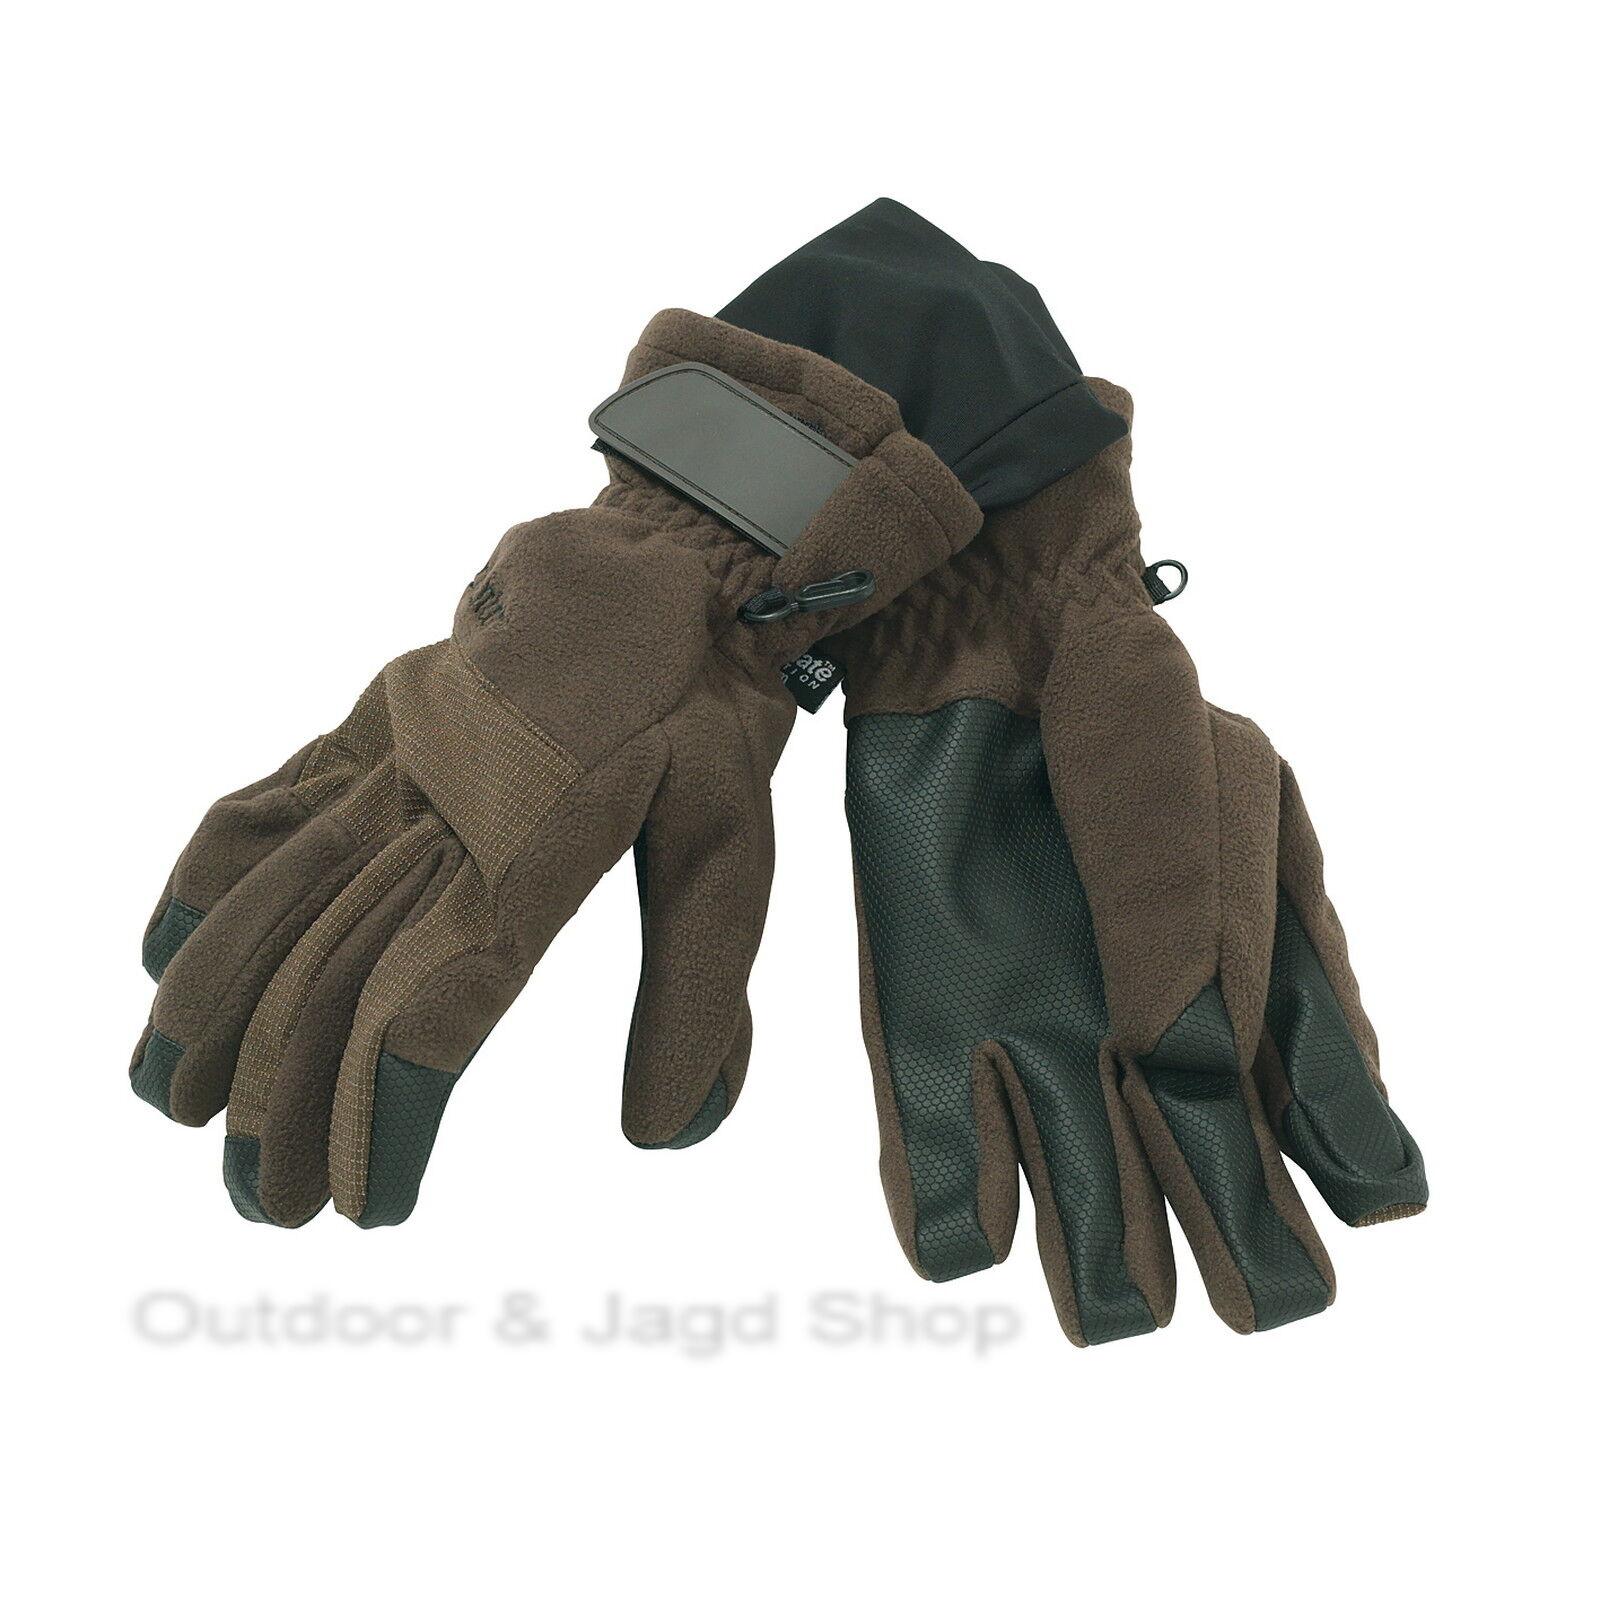 DEERHUNTER CUMBERLAND Handschuhe Jagdhandschuhe 383-Dark Elm green Gr. M - 2XL